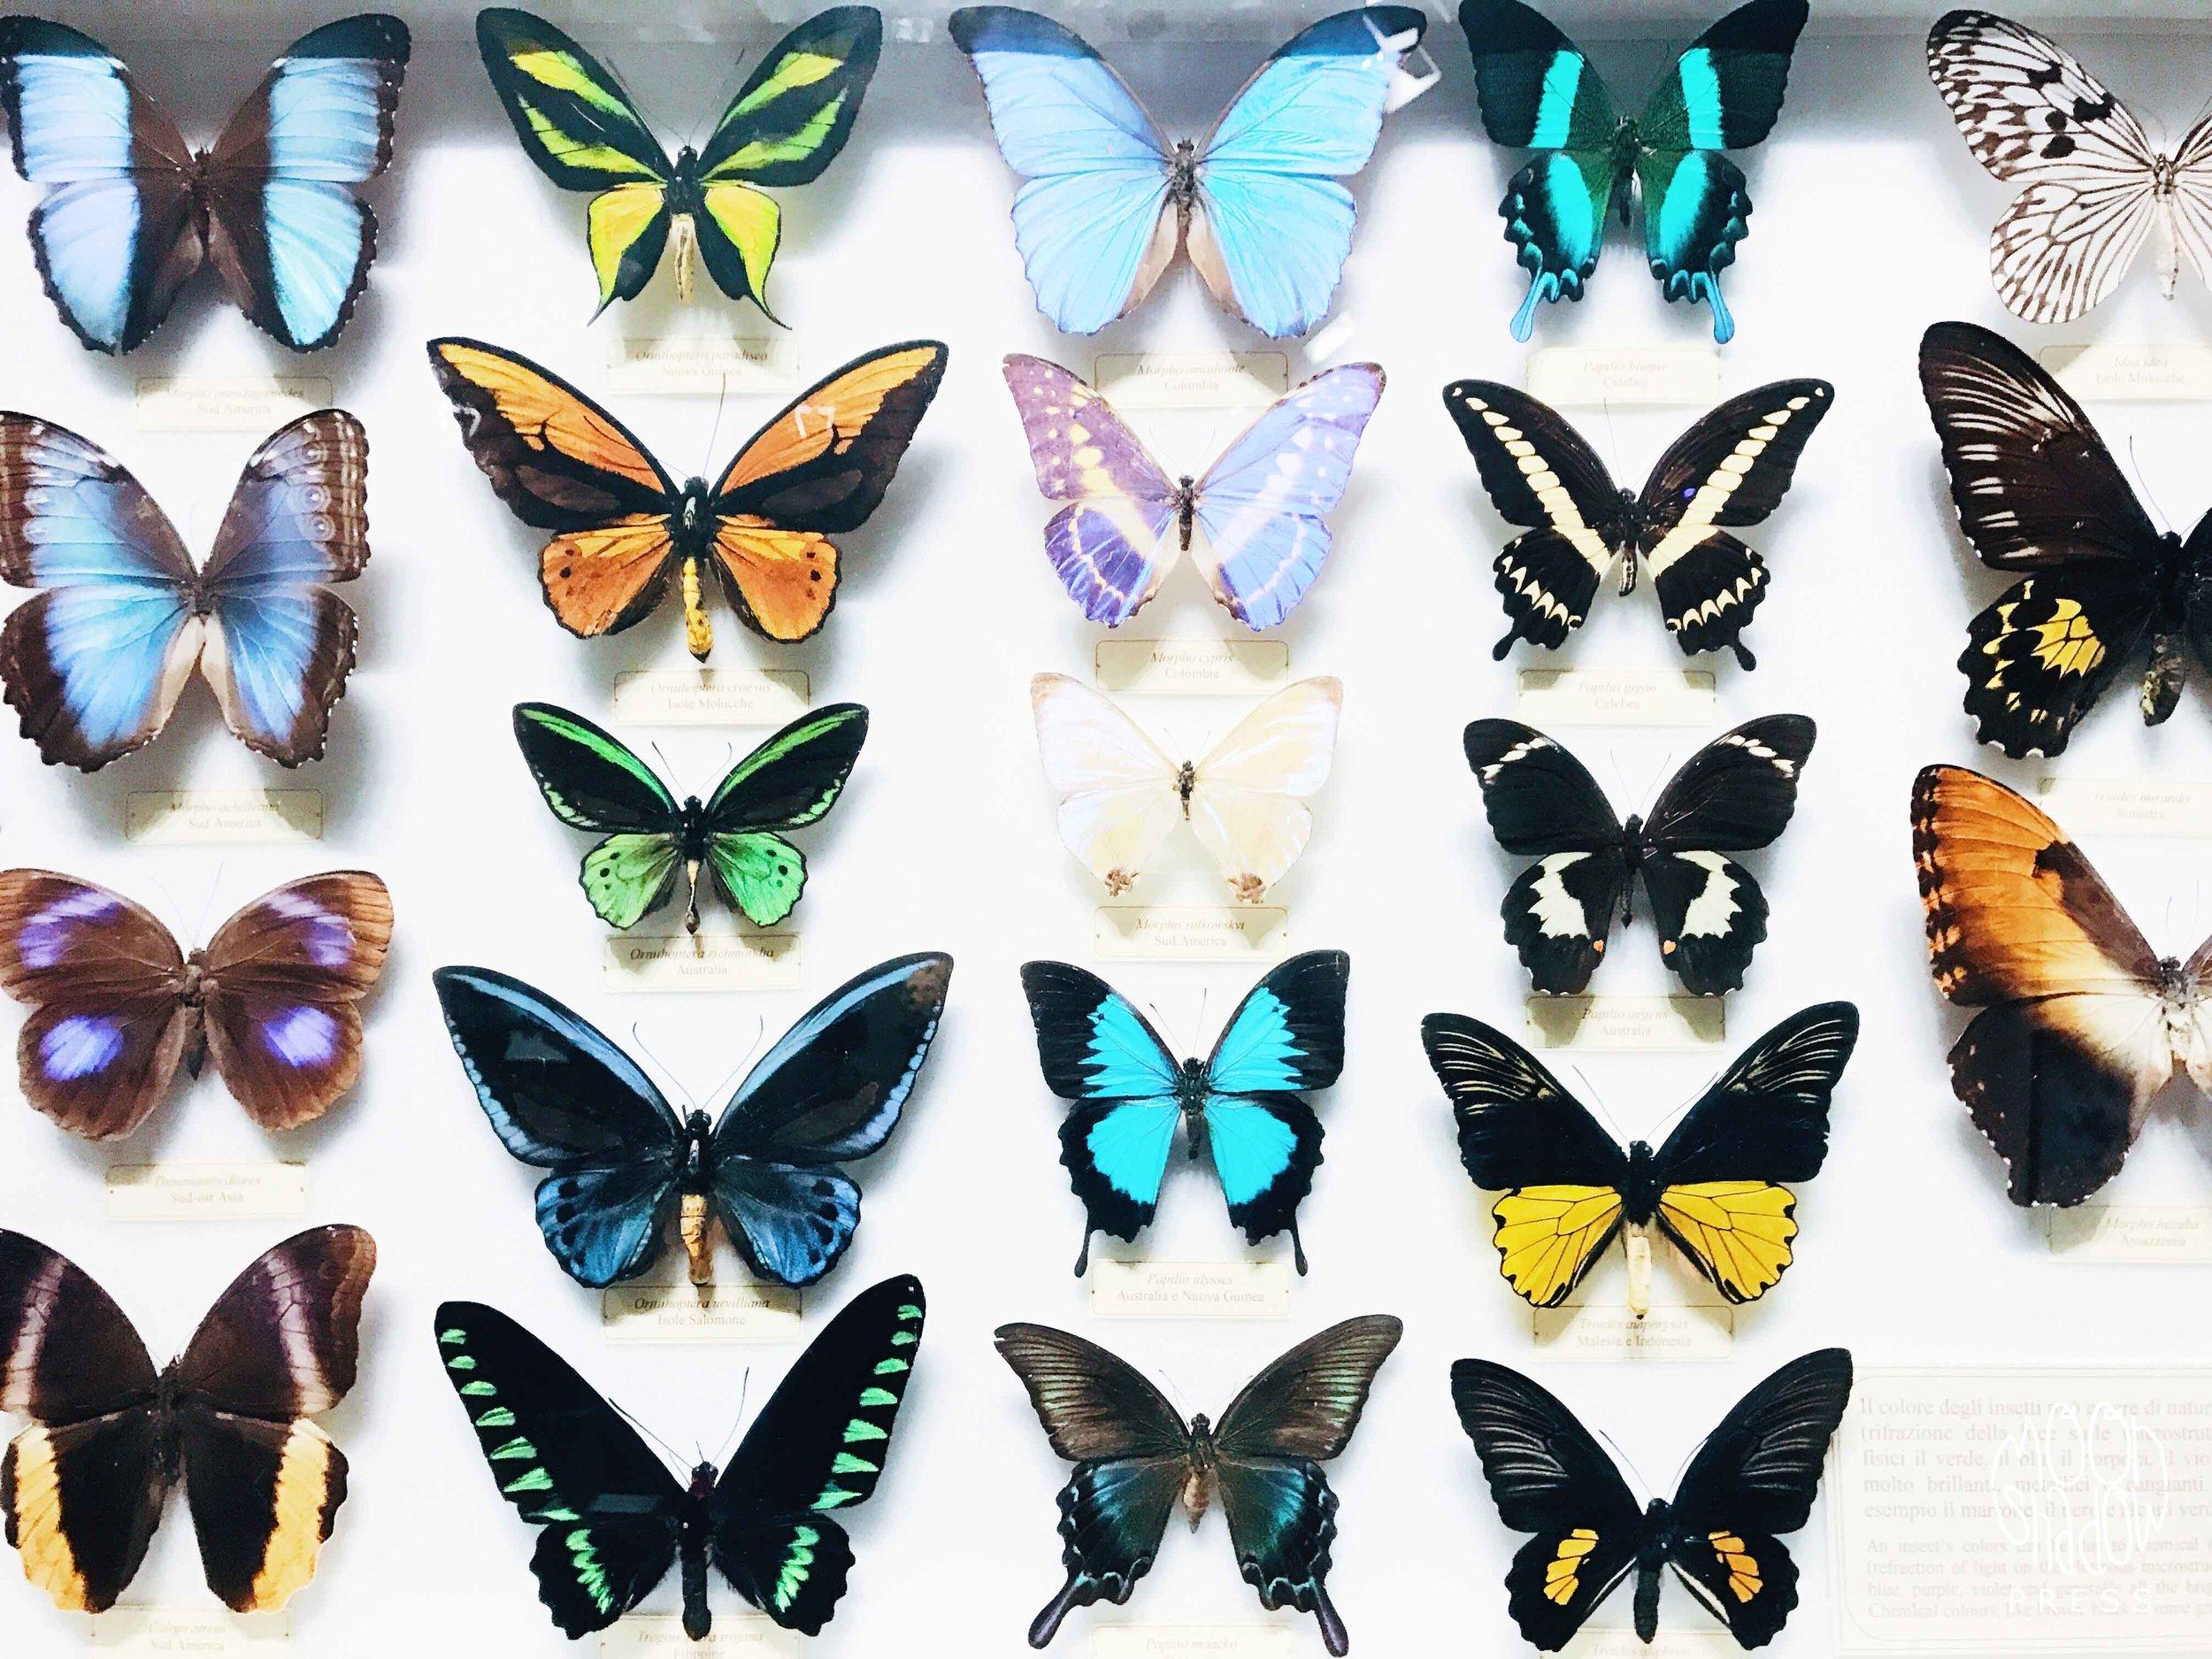 Butterflies1L.jpg